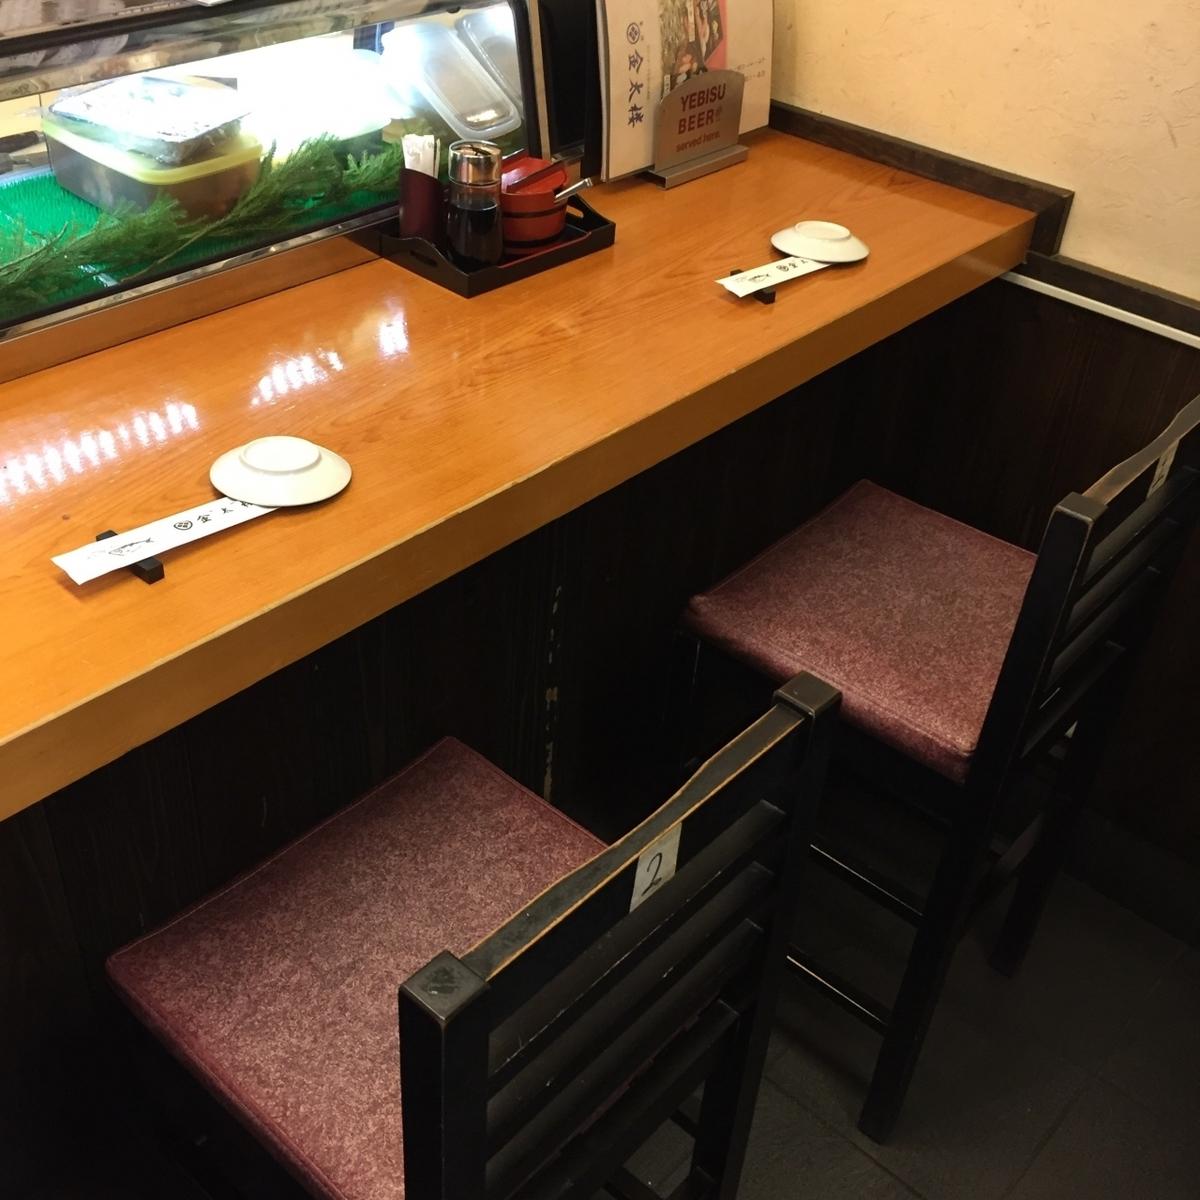 可以看到工匠手的柜台座位请务必使用预约。